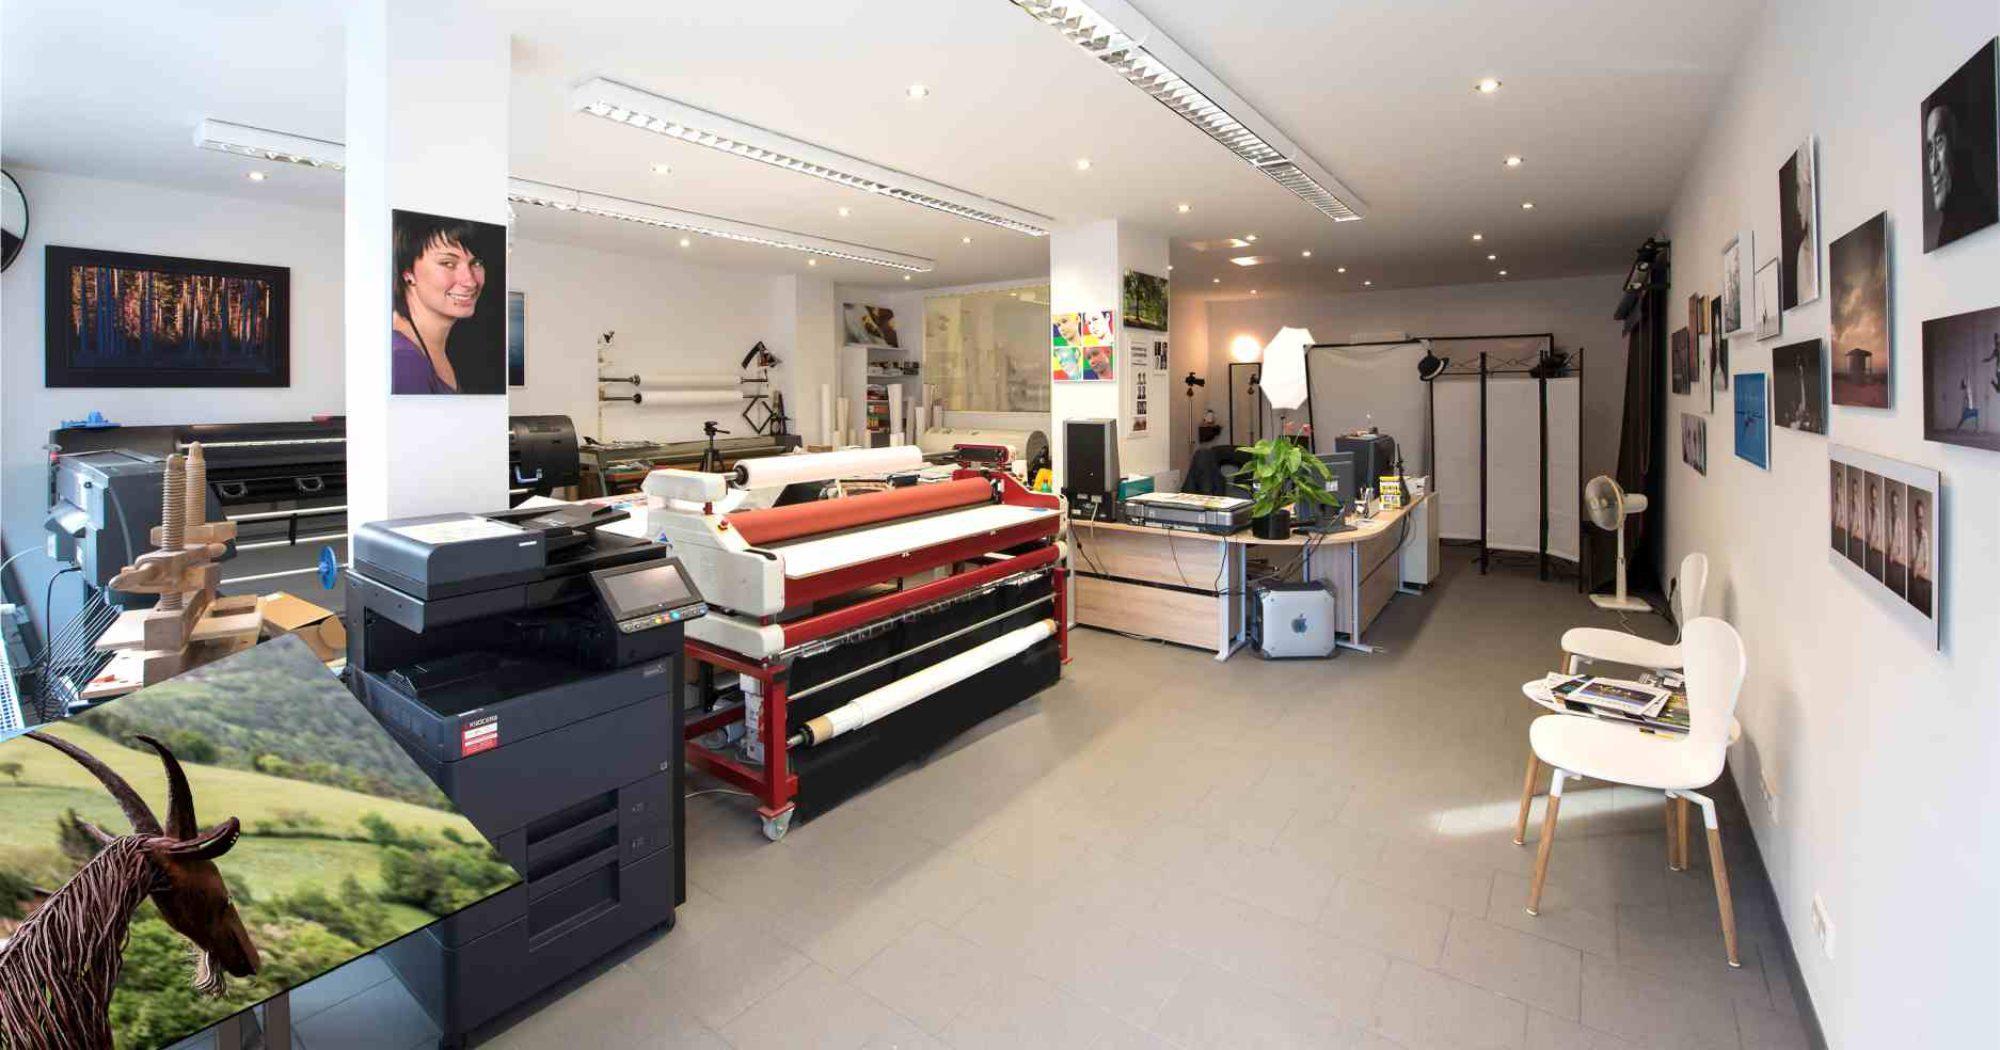 Willkommen bei Schraders Bilderfabrik